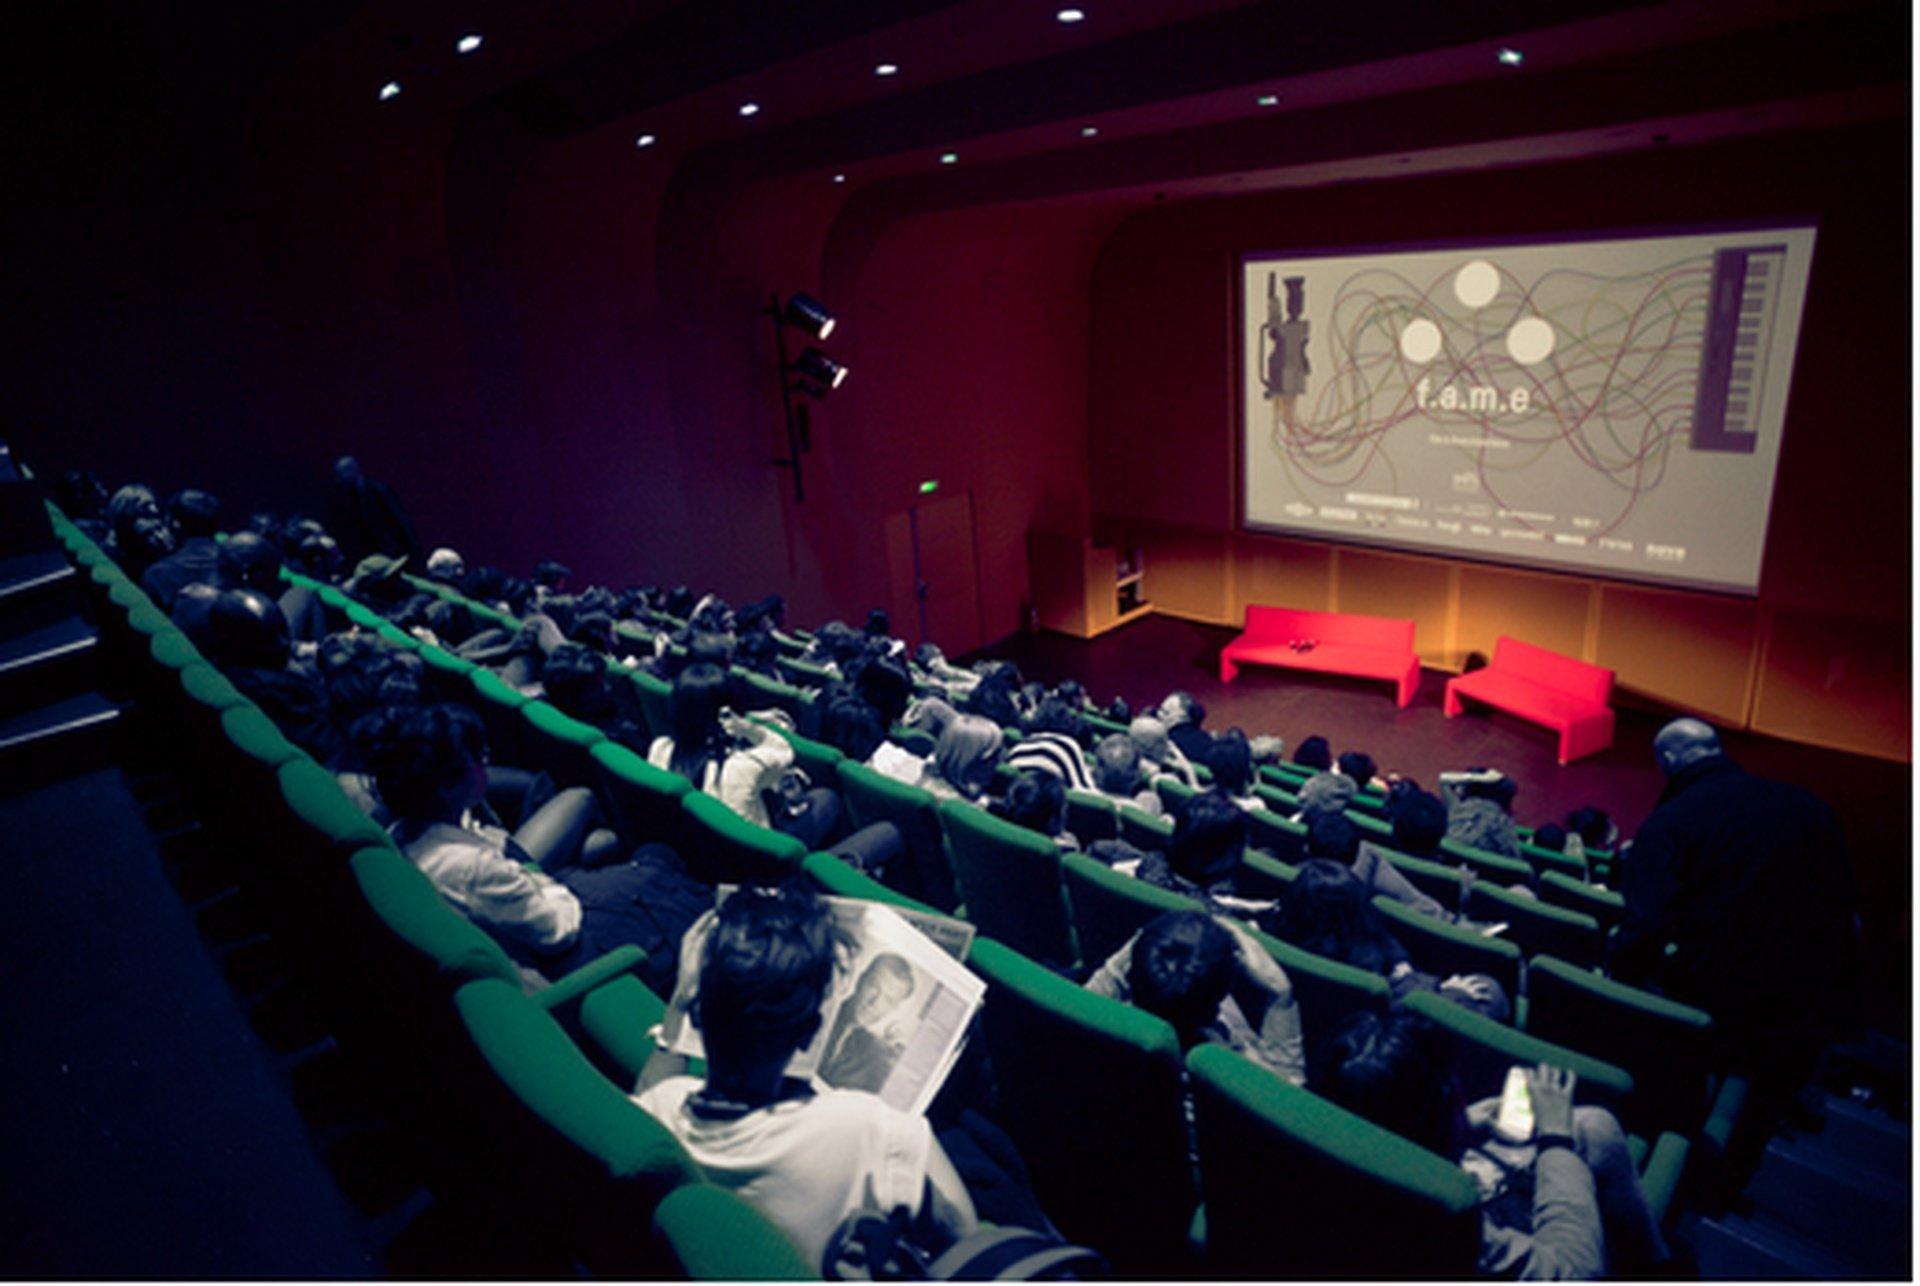 Paris corporate event venues Party room La gaîte lyrique - Auditorium image 0